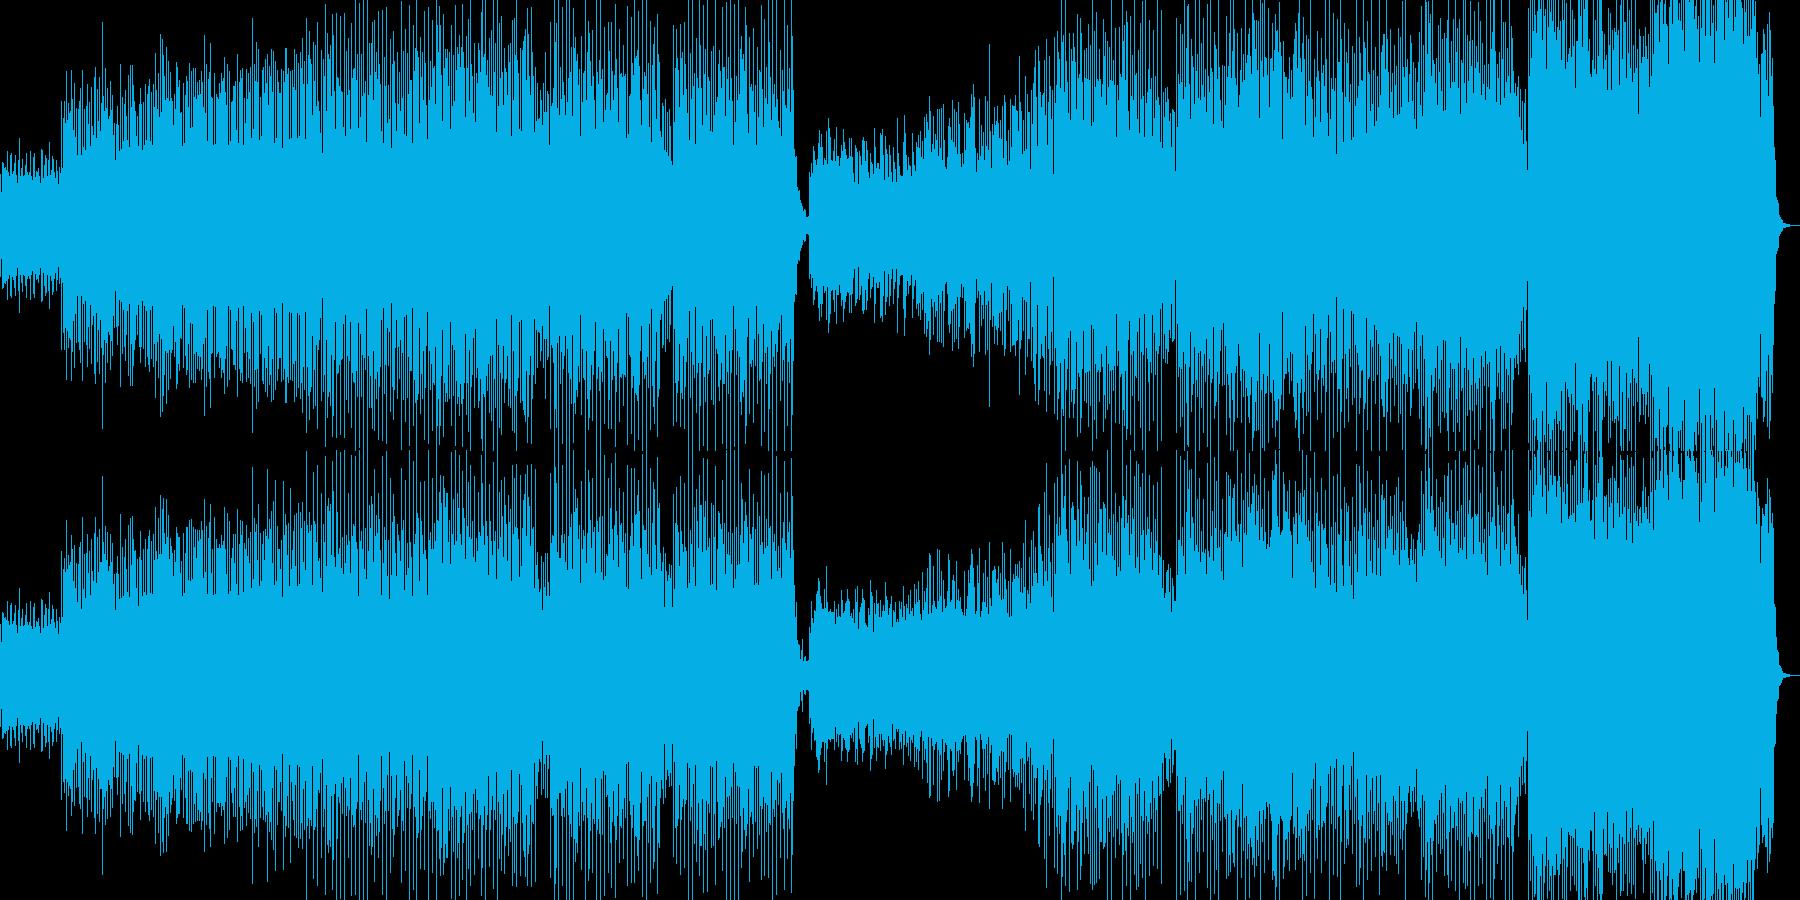 沖縄下千鳥音階によるハードテクノの再生済みの波形